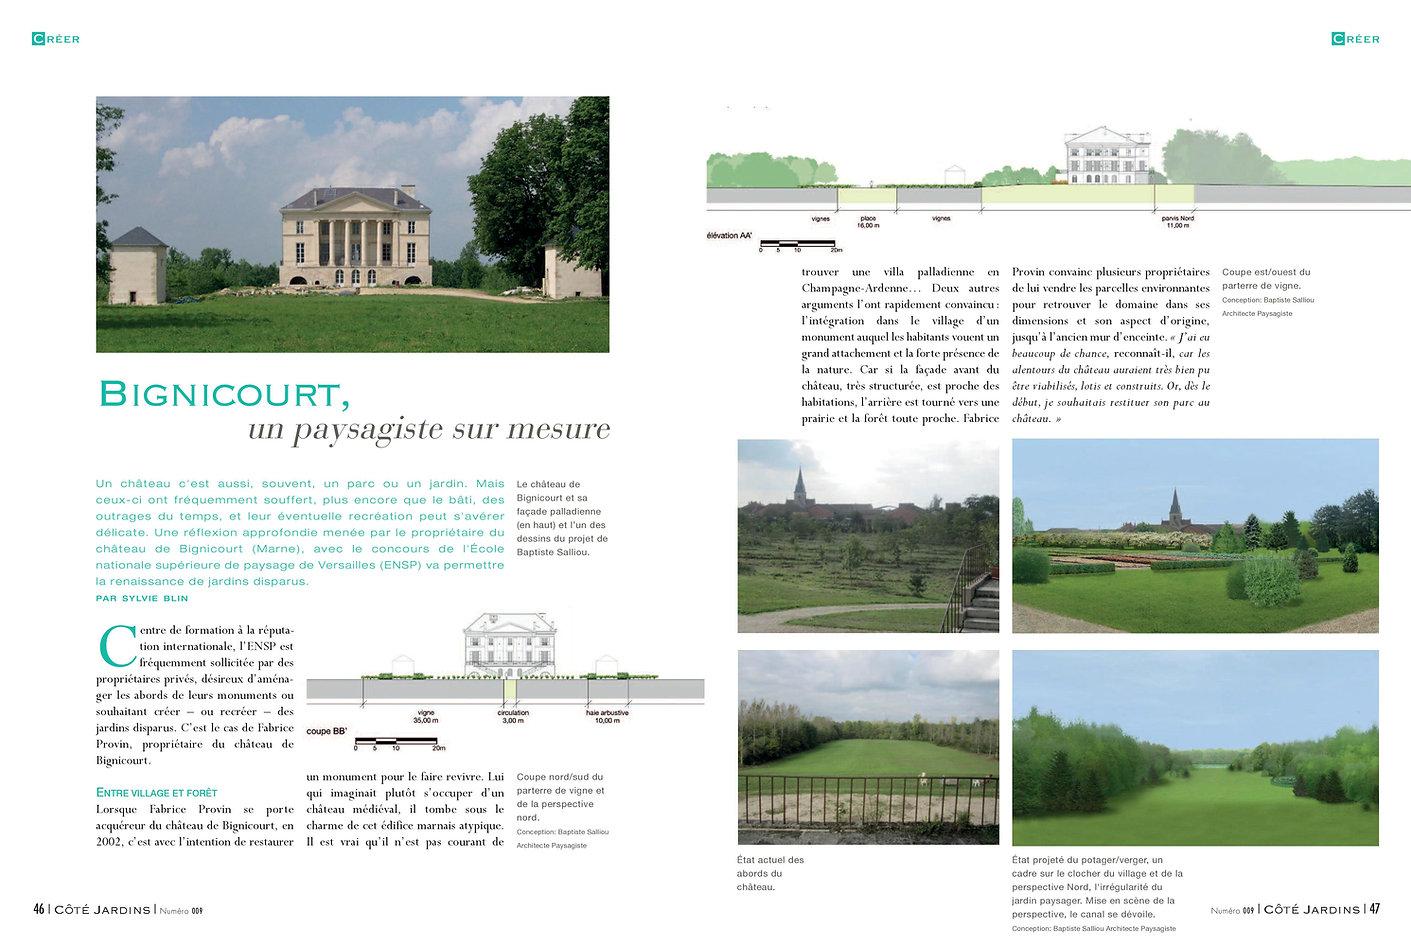 009_Demeure_Historique_Bignicourt3 (3)-p